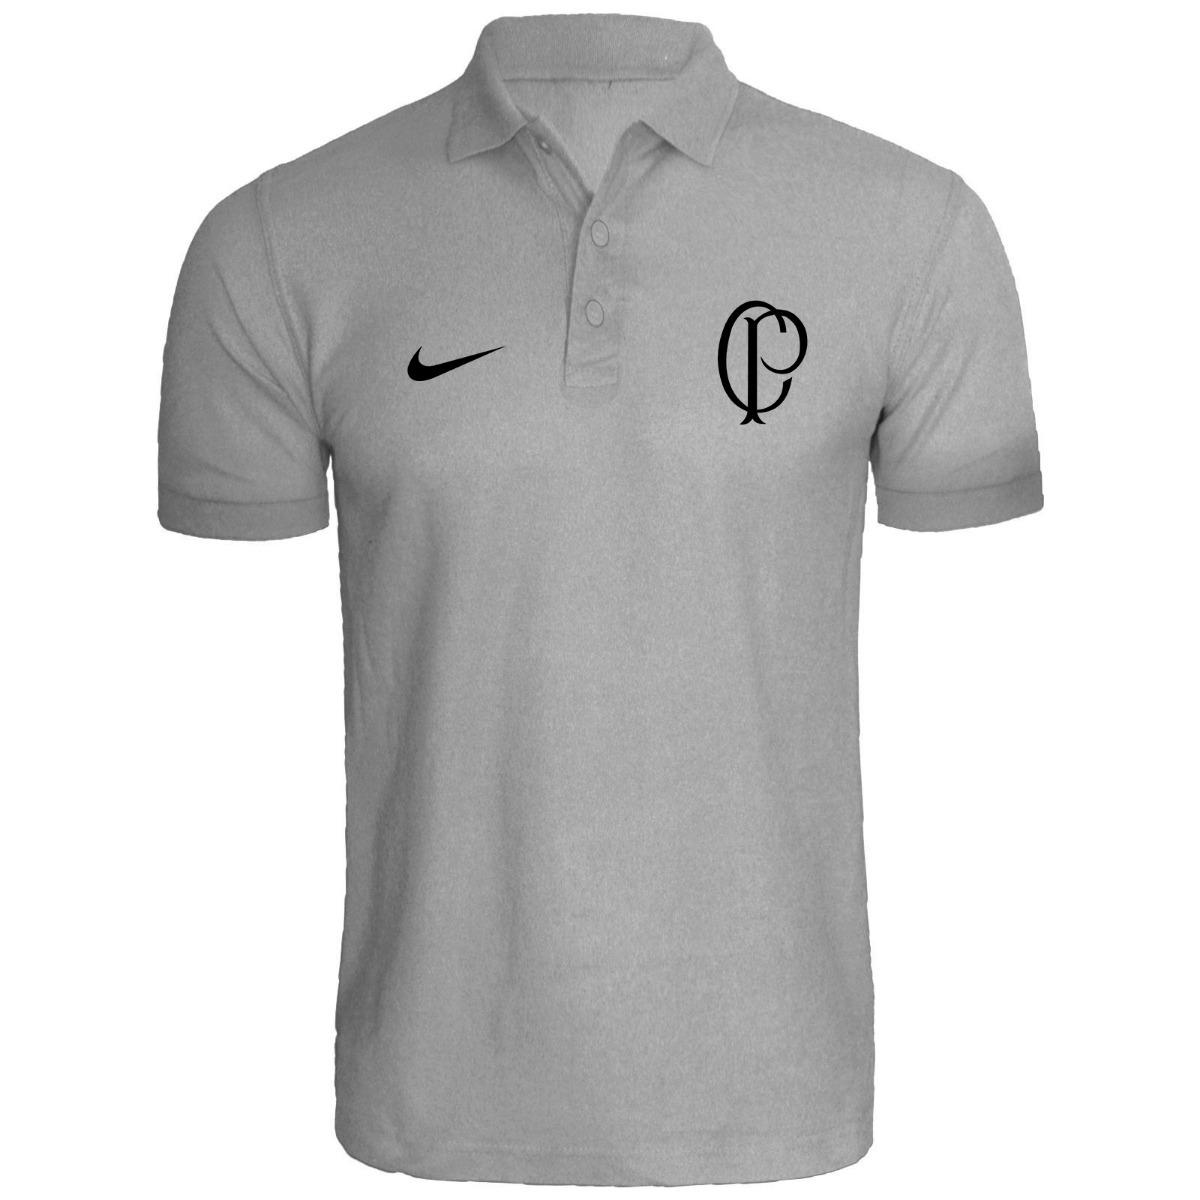 fe39d4f9cbe51 camisa polo corinthians personalizado. Carregando zoom.